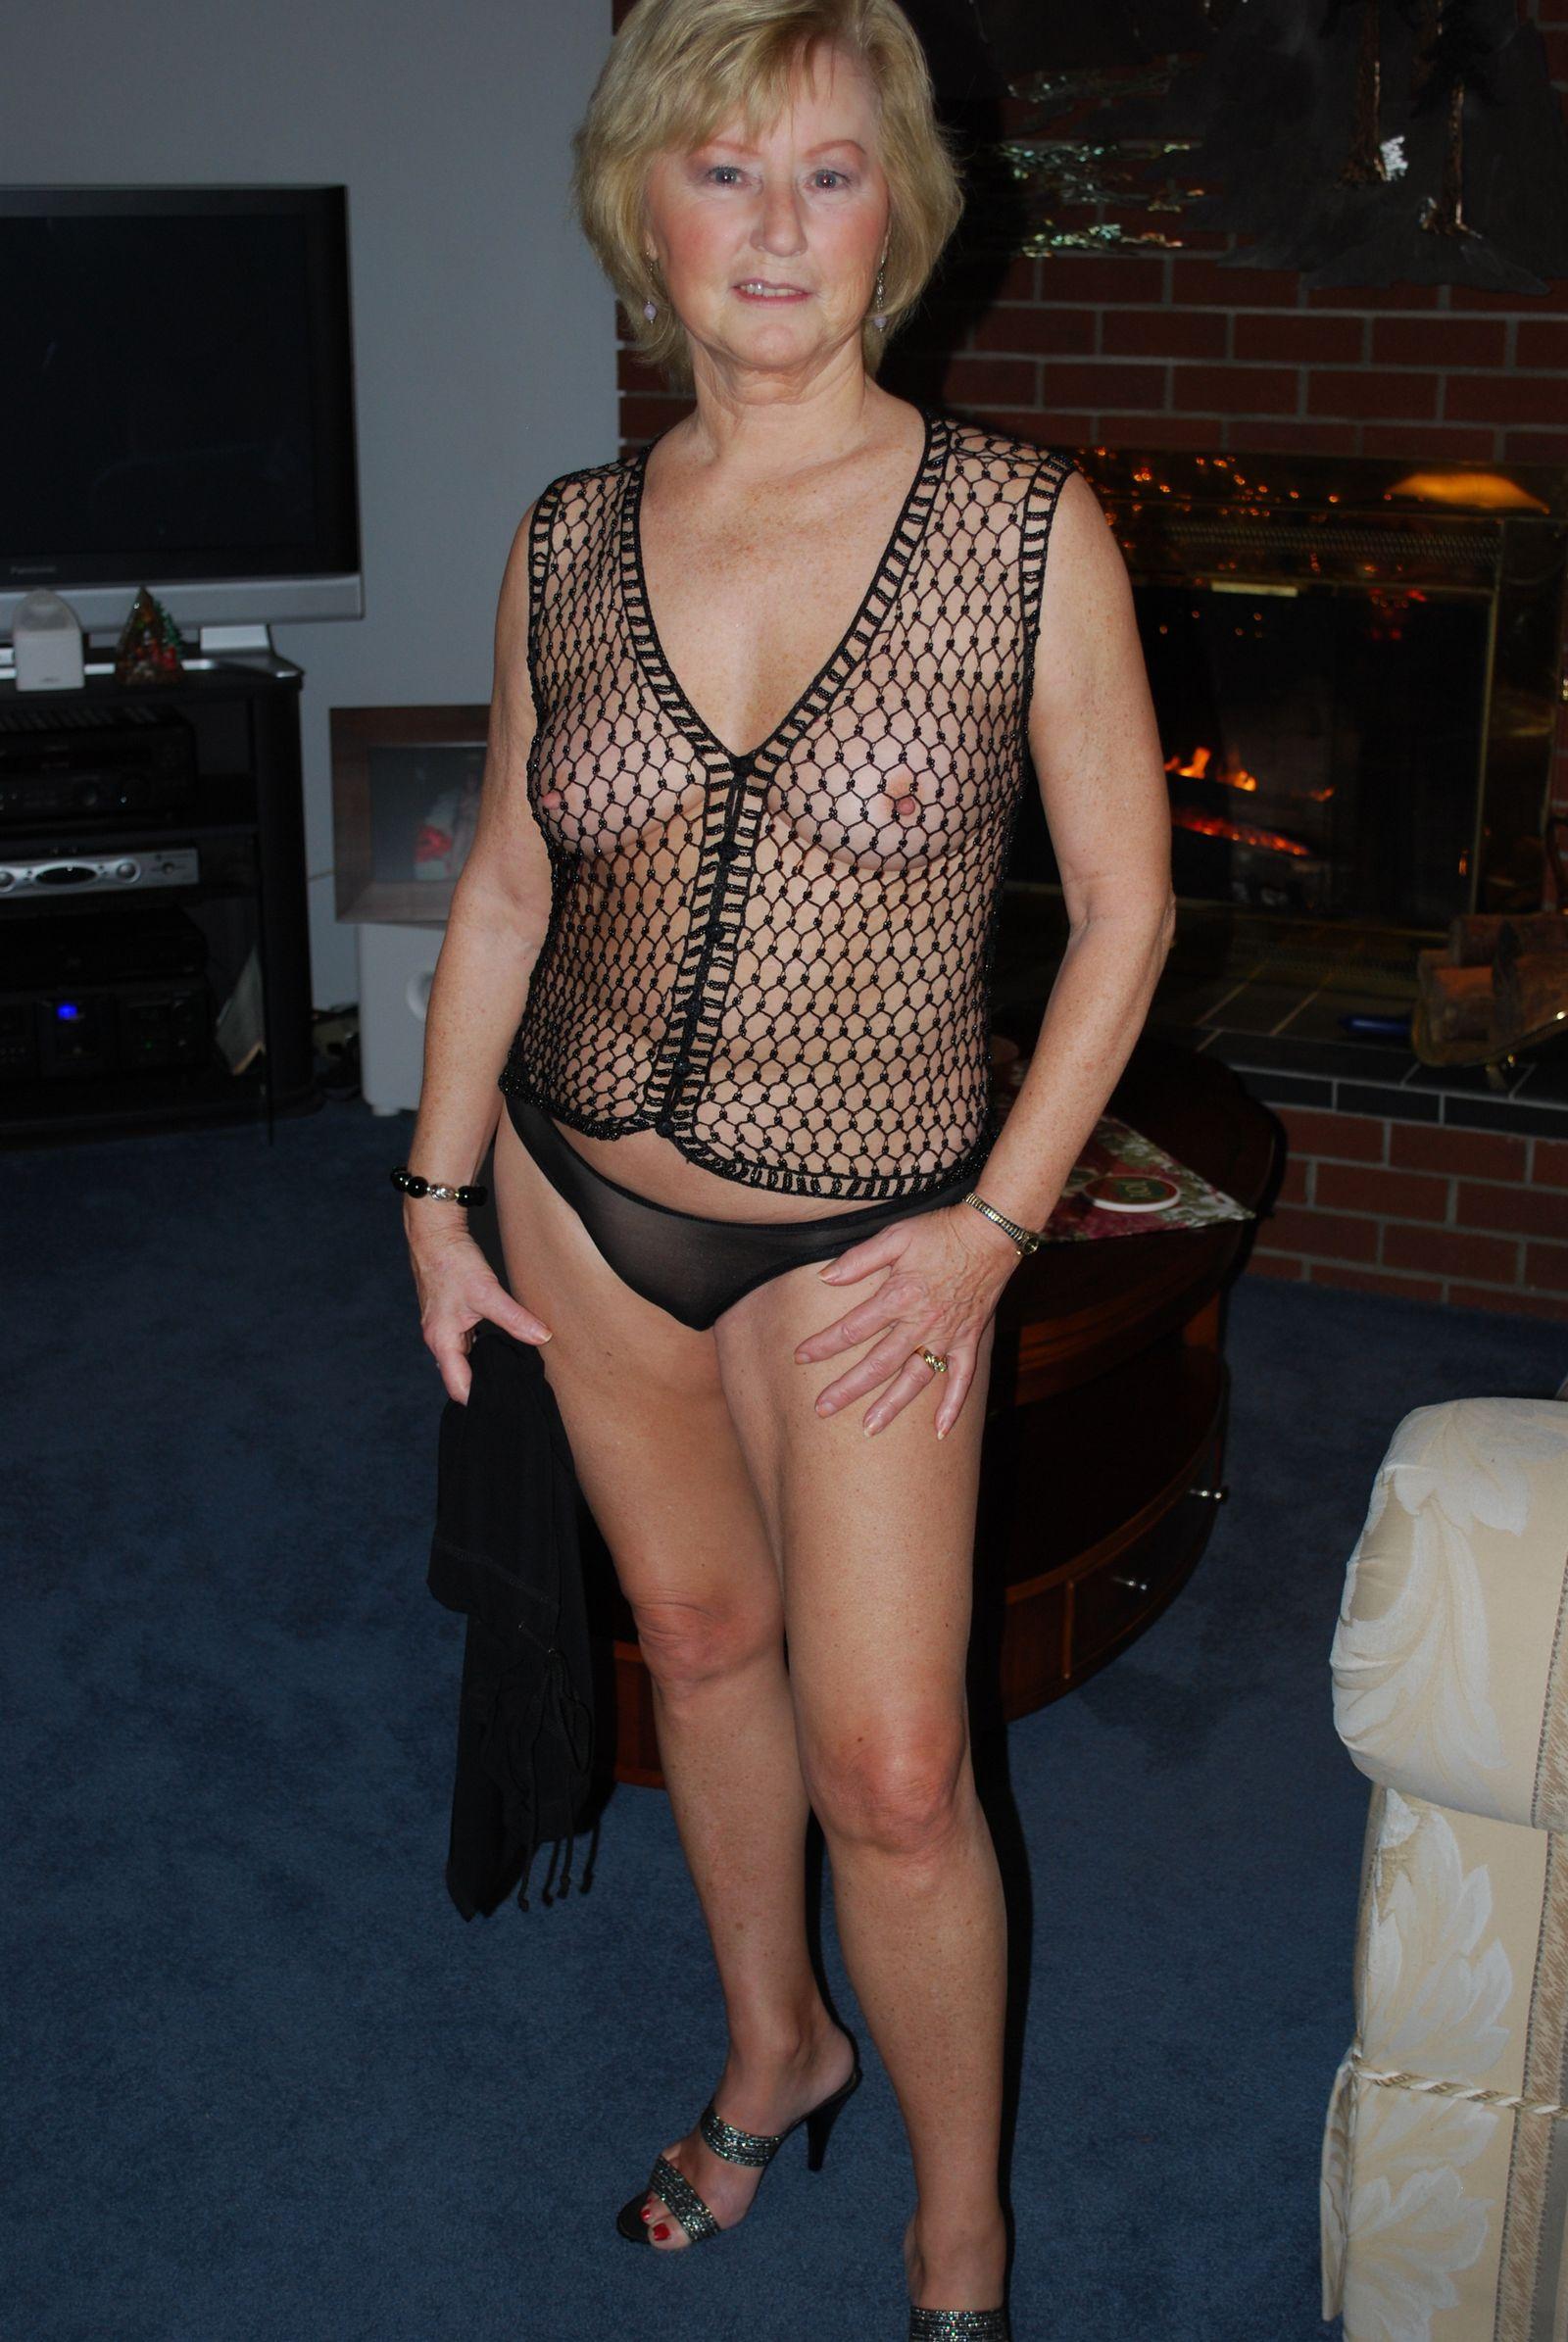 Xxx фото сексуальной пожилой сучки со свелыми волосами